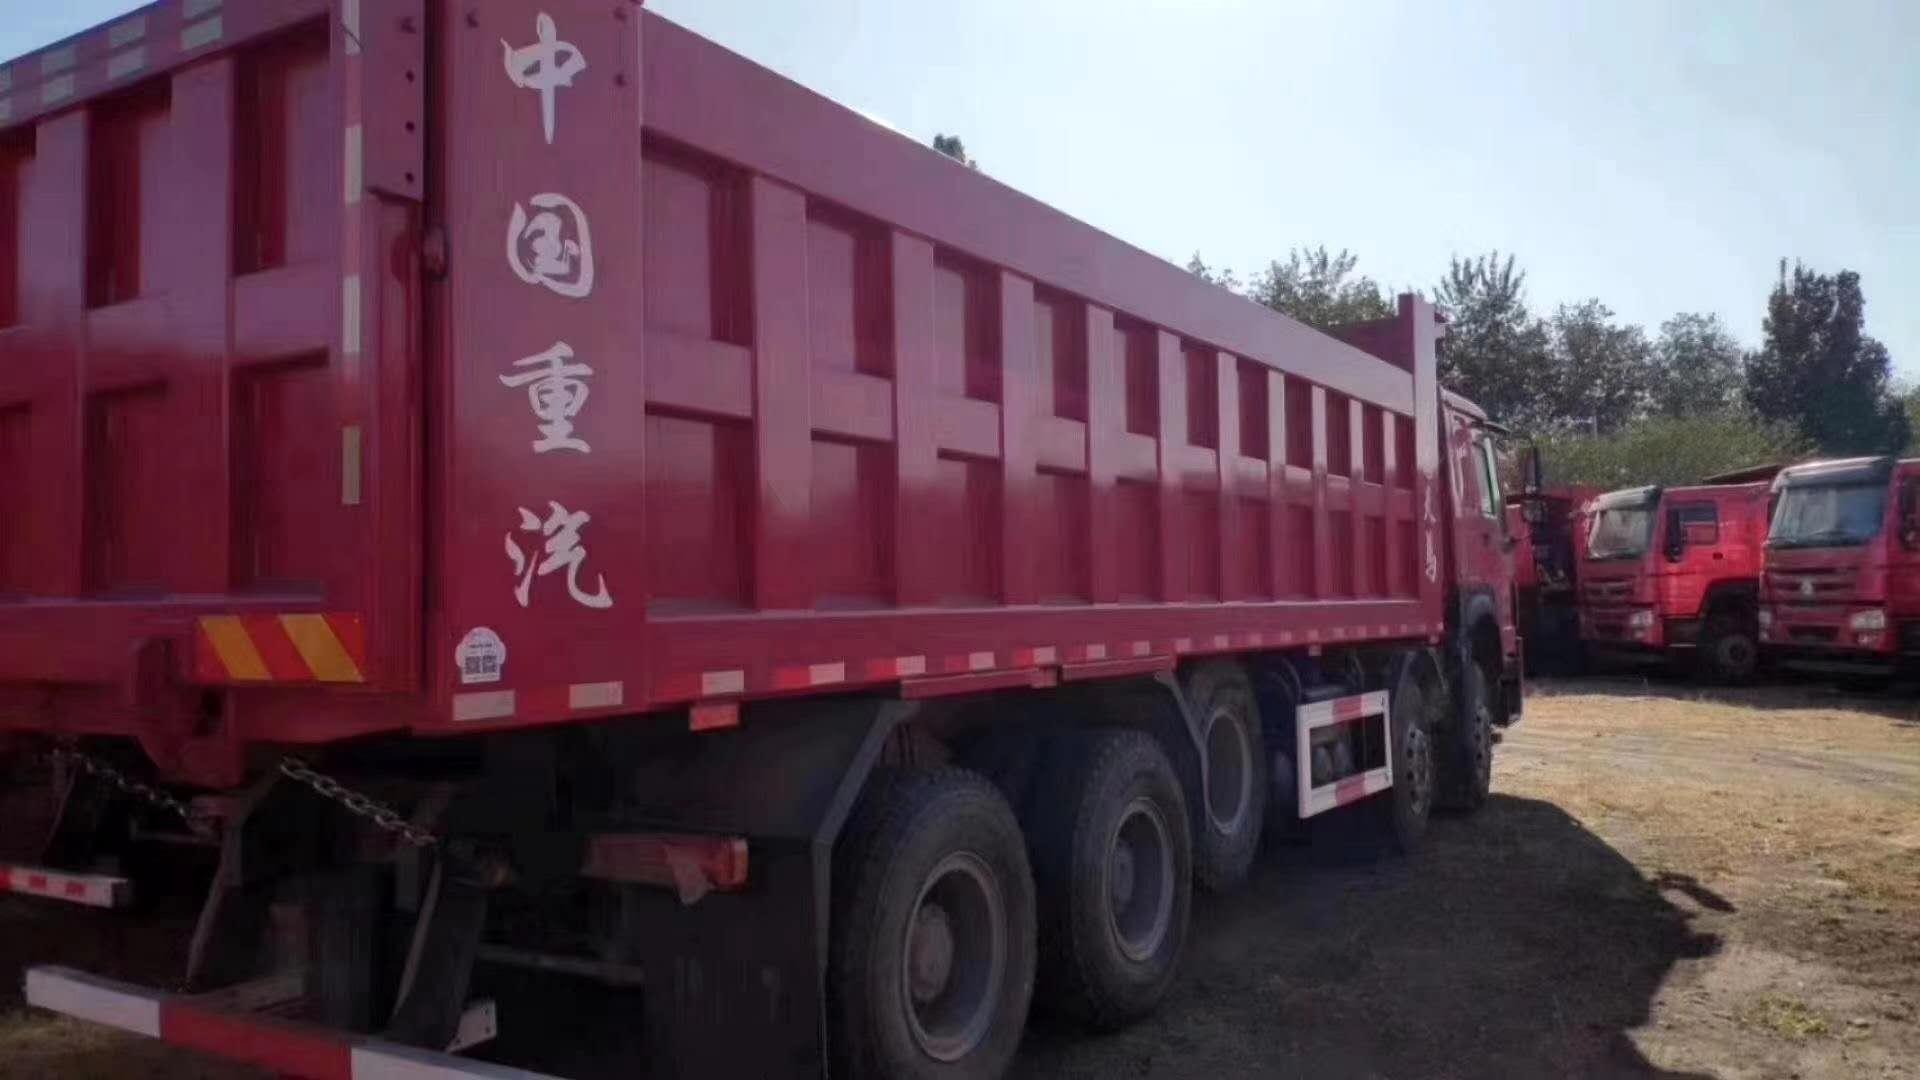 重汽豪沃8.8米自卸车火红色440马力三层大架